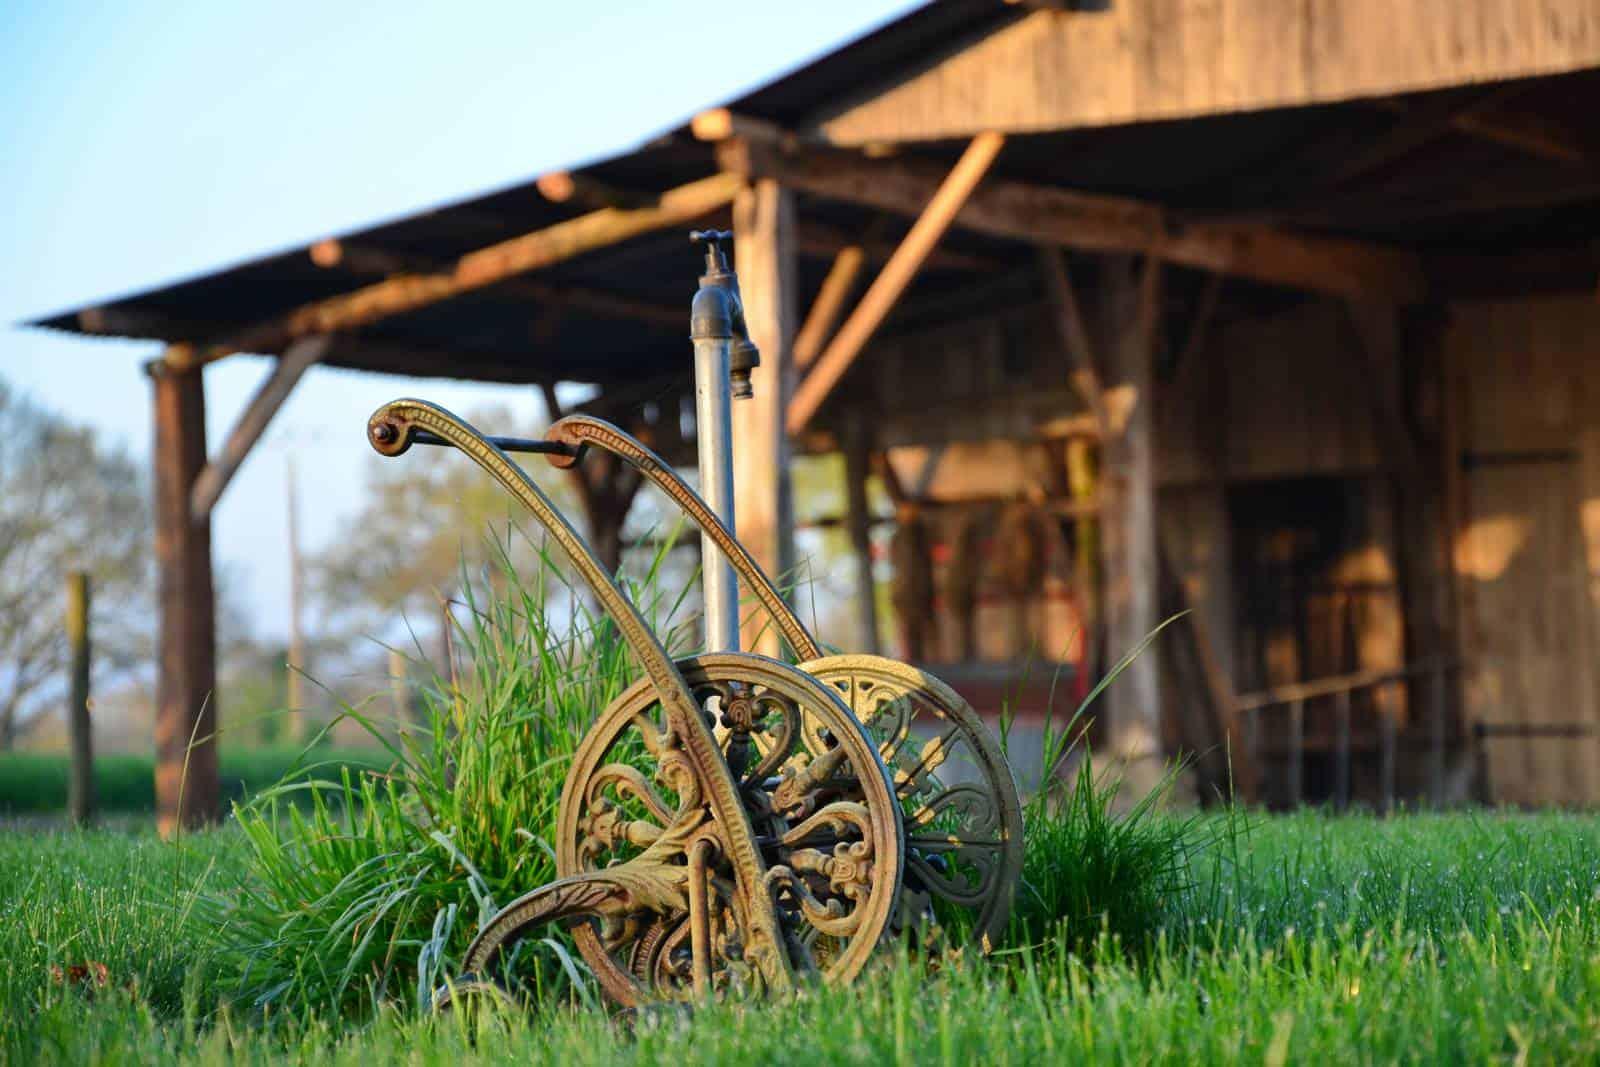 Ancien hangar et enrouleur de tuyau d'époque - gîte rural de Haute Forêt en Vallée du Loir